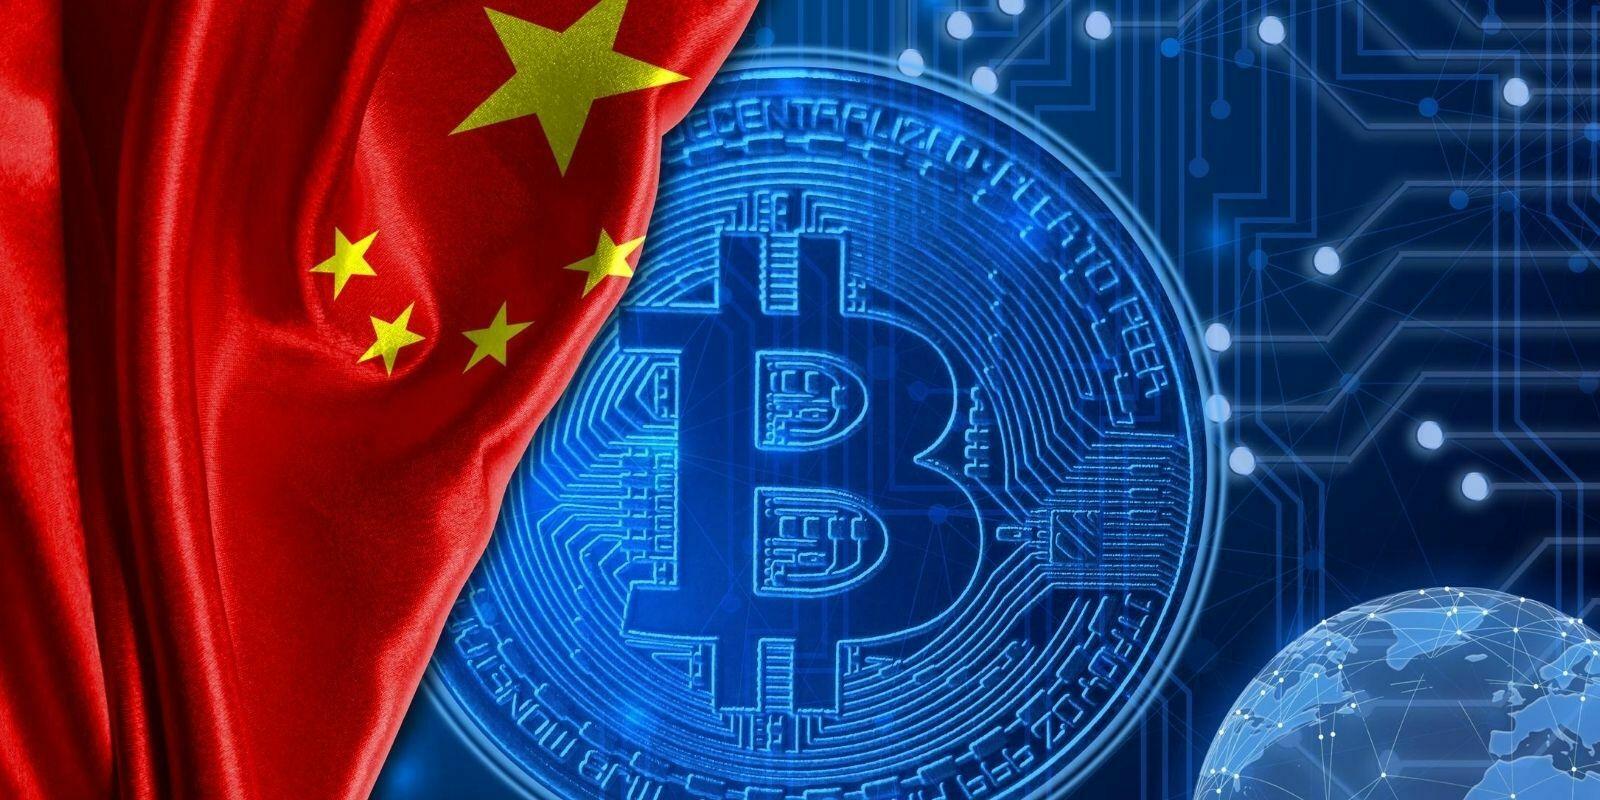 Le BSN chinois veut intégrer 40 blockchains publiques d'ici 2021